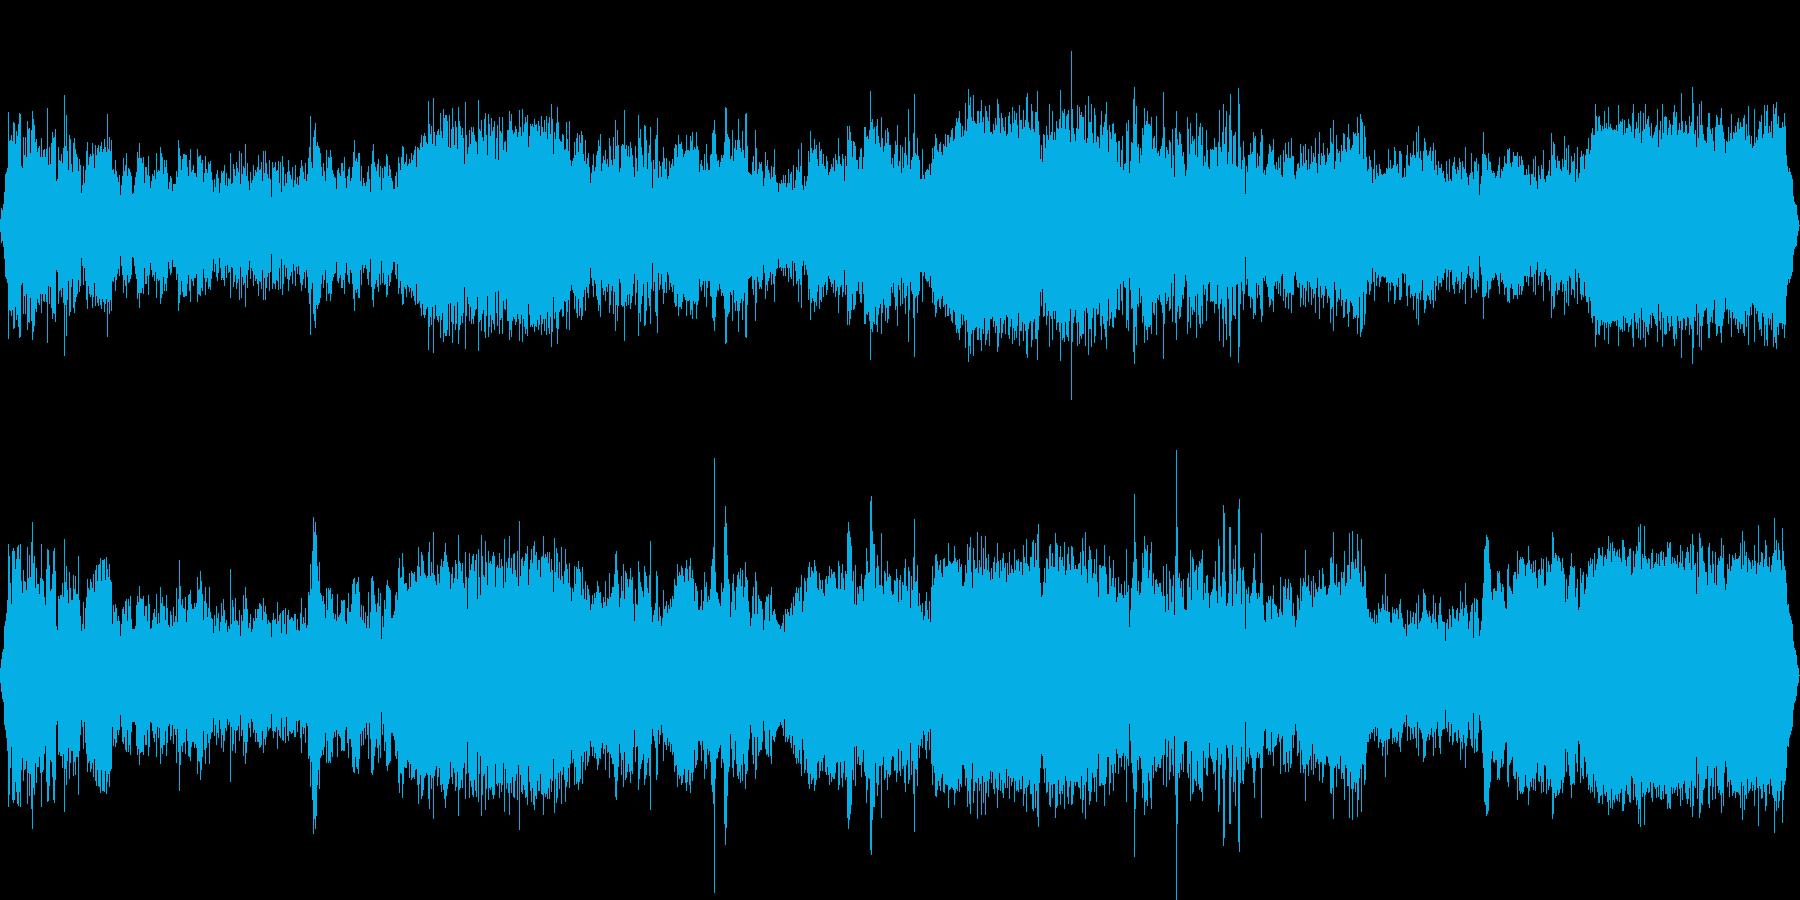 工事現場の重機音の再生済みの波形